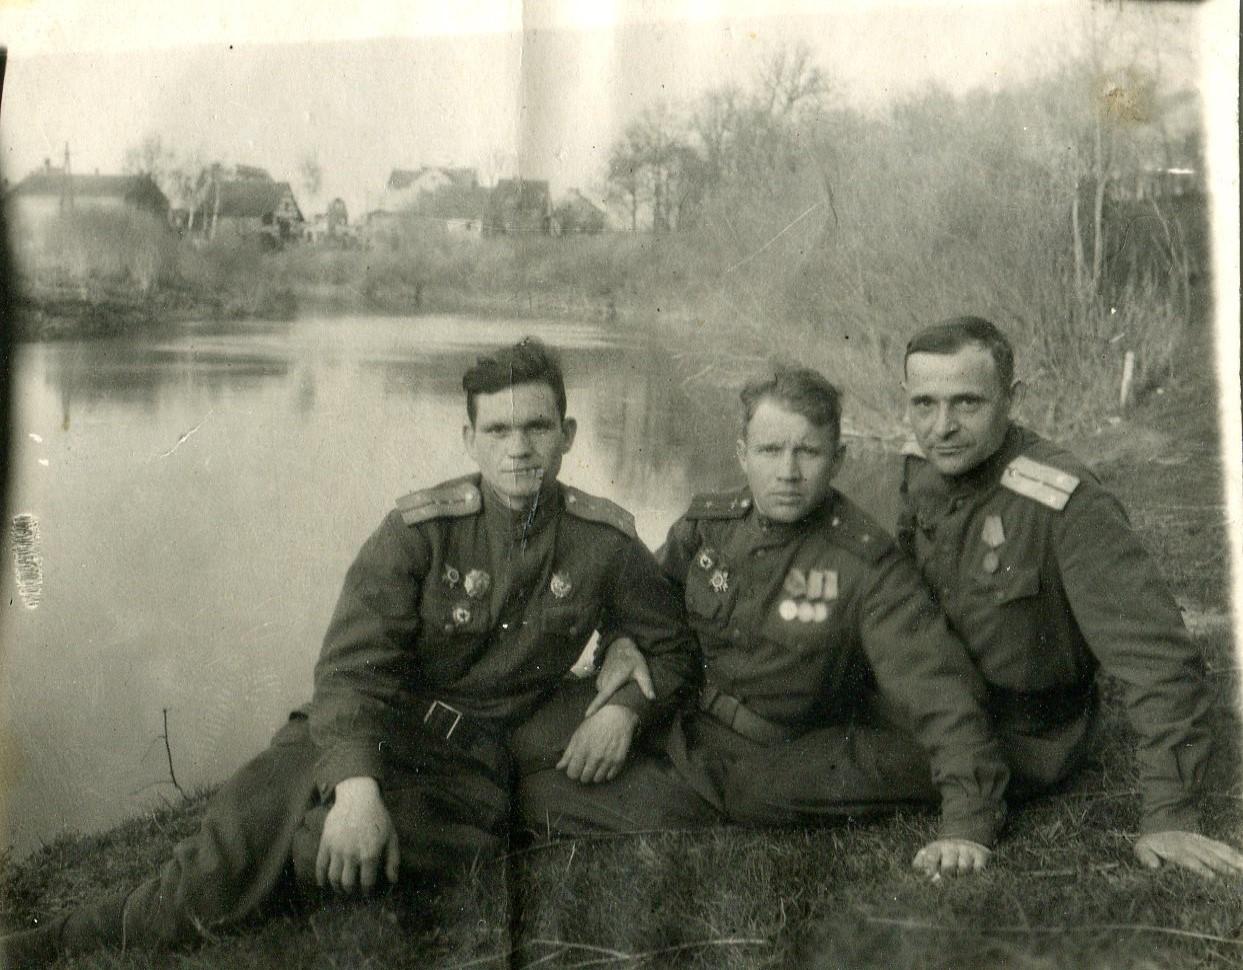 Быль про войну: правнучка опубликовала воспоминания фронтовика о боях, самолётах и капитуляции врага